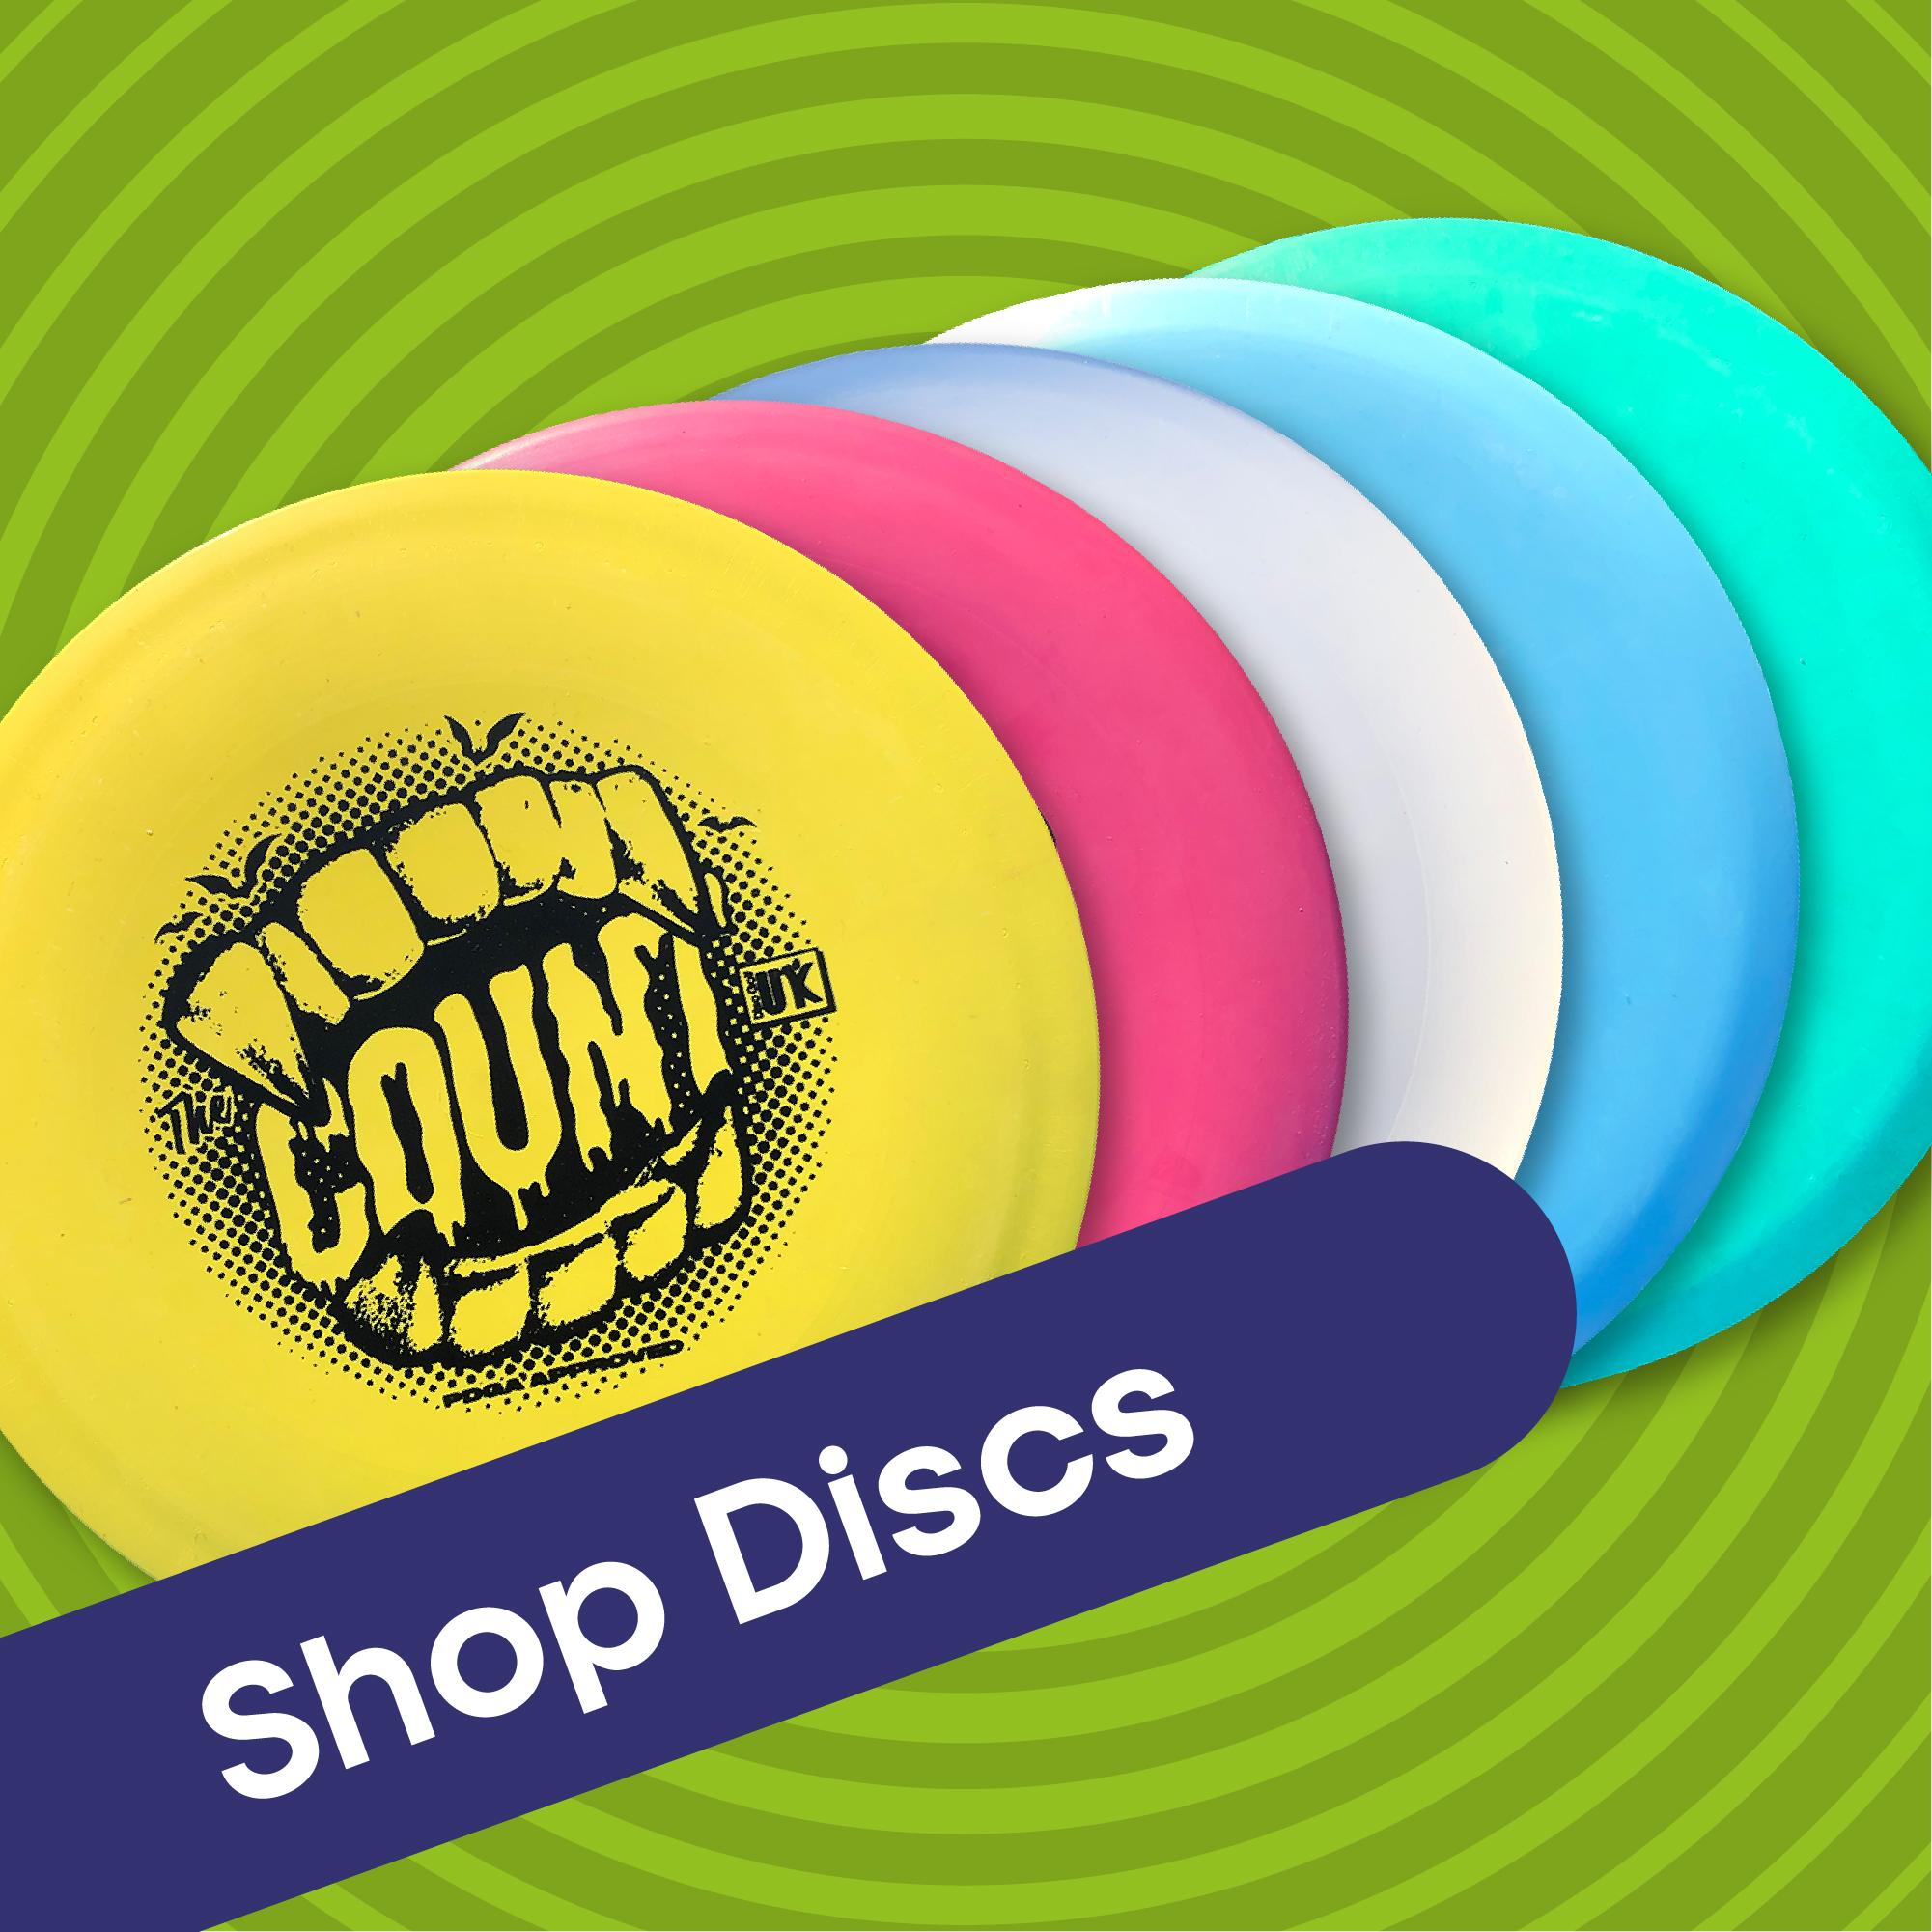 Shop Discs-01